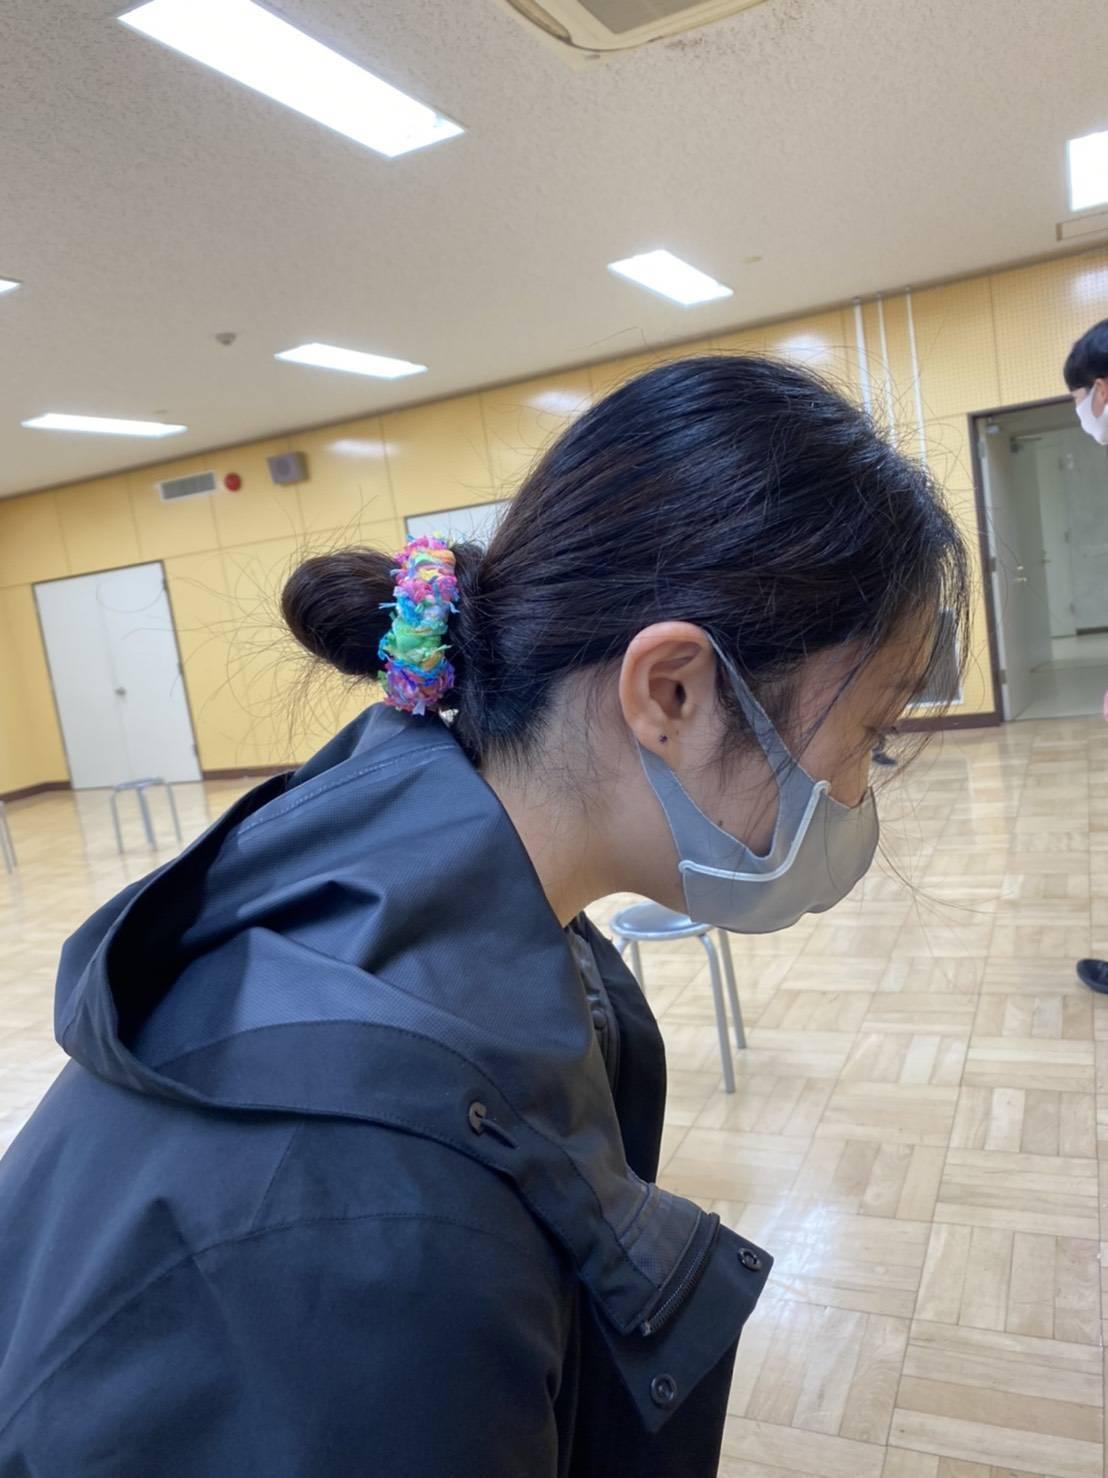 福麻むつみさんに遭遇_a0163623_17051434.jpg